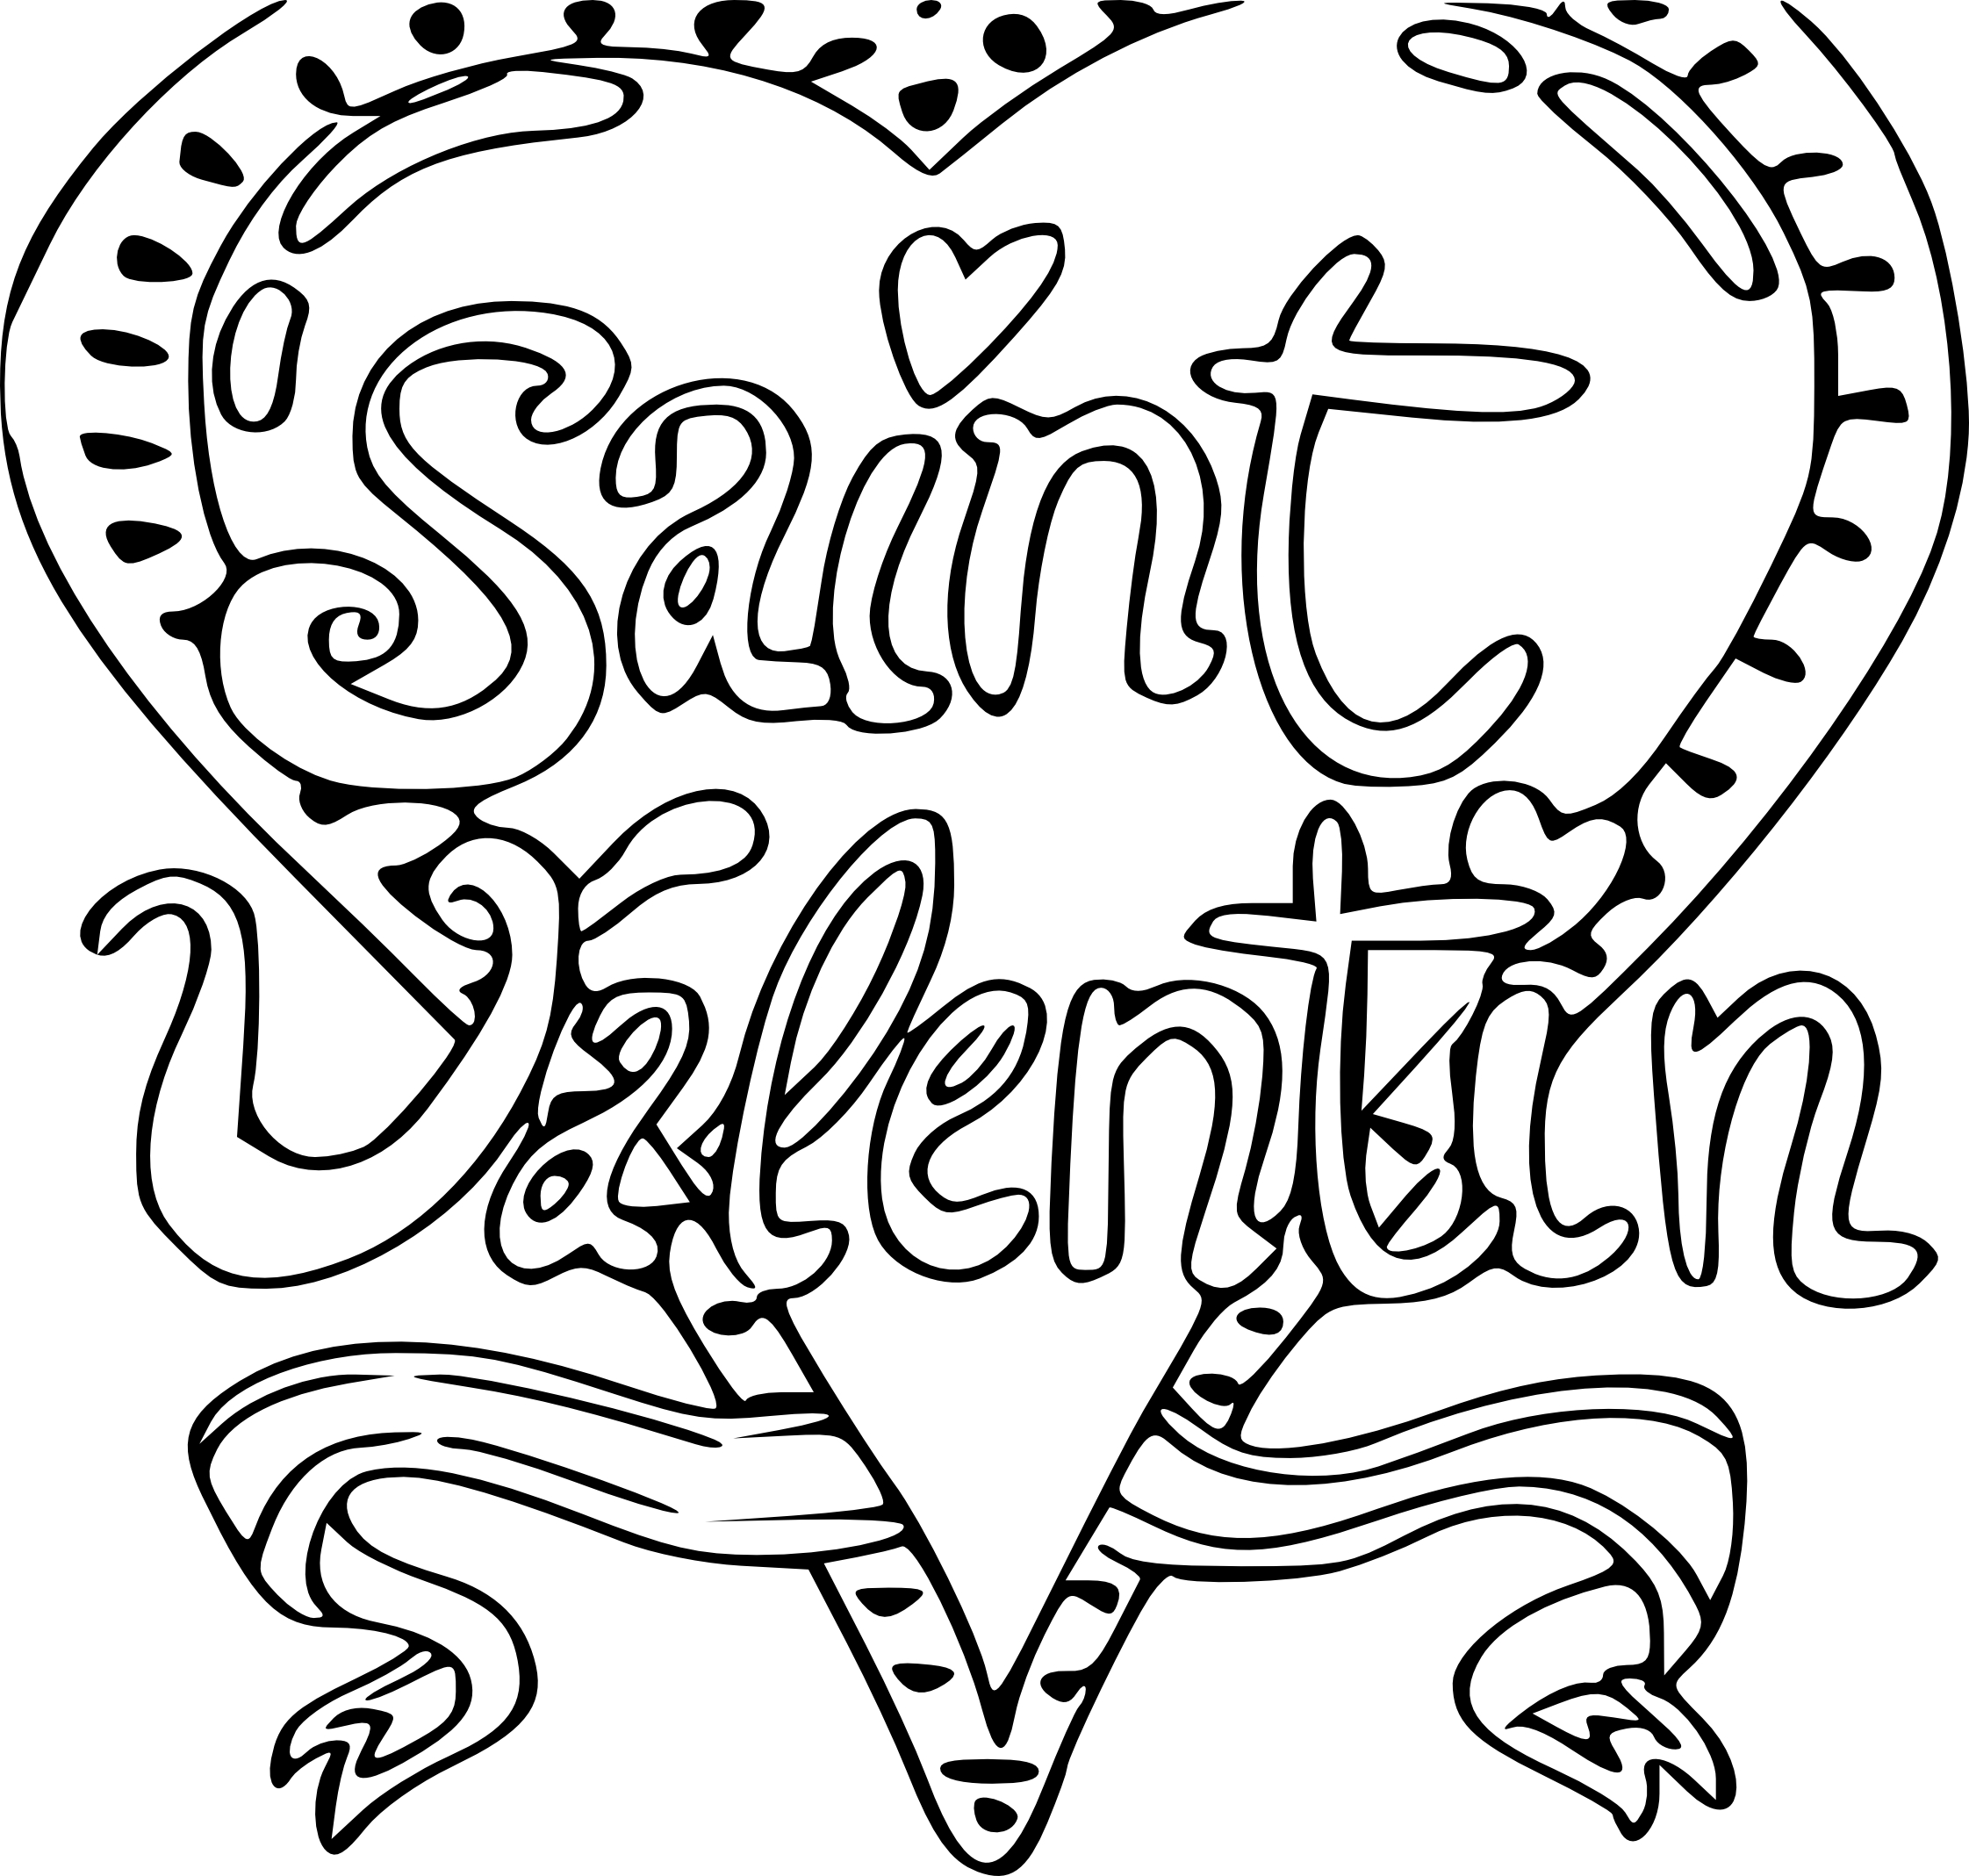 coloriage saint valentin imprimer. Black Bedroom Furniture Sets. Home Design Ideas